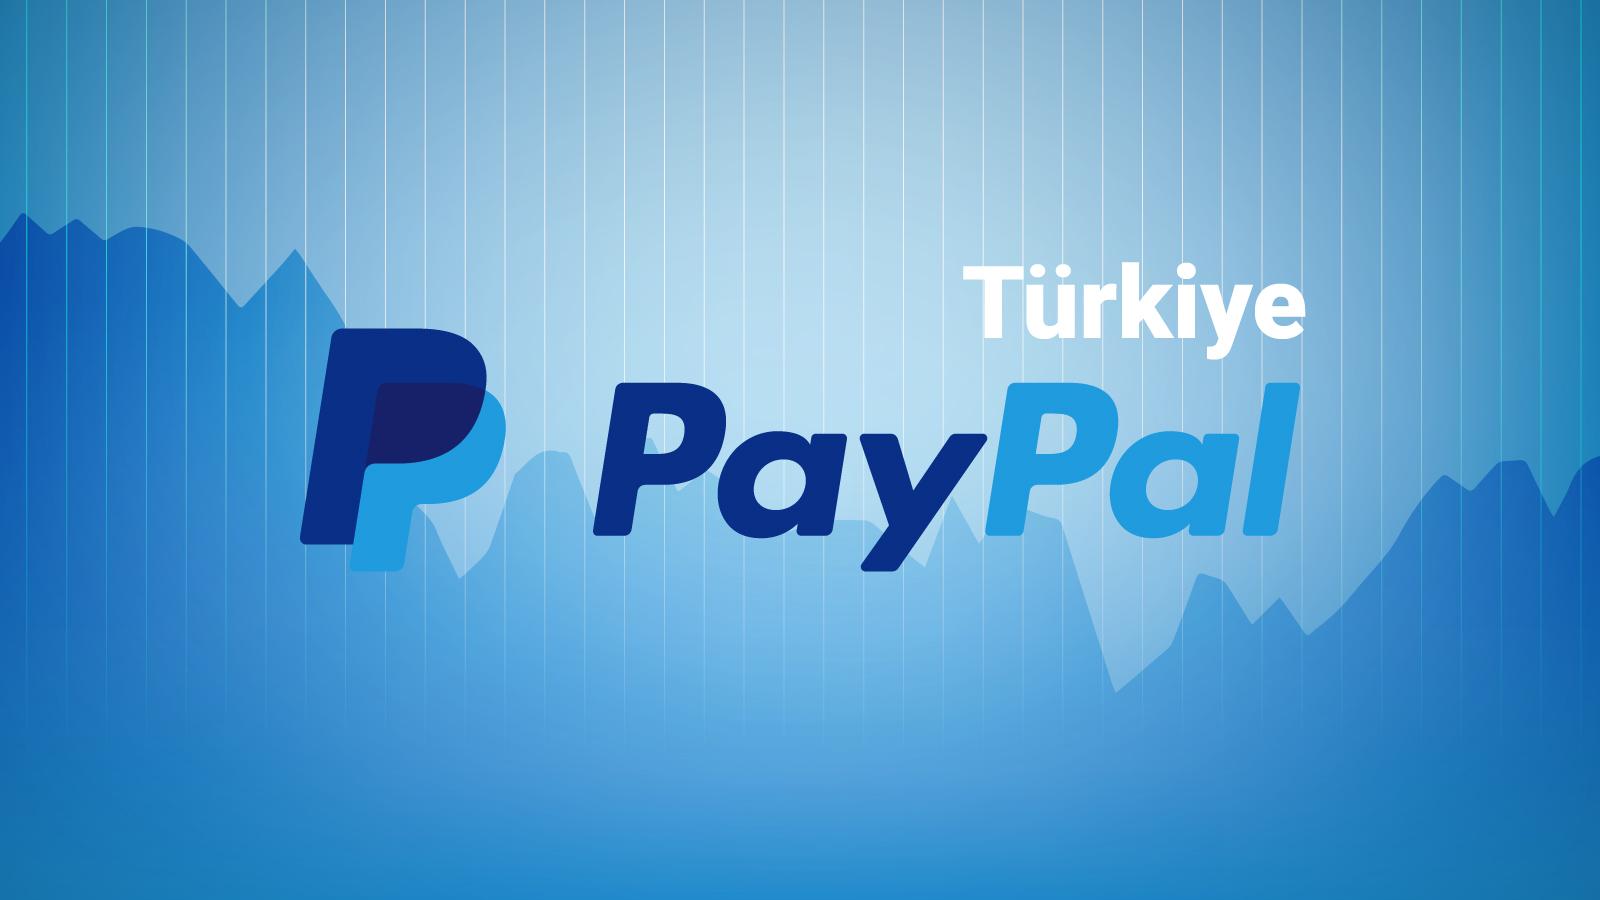 Paypal Türkiye Neden Kapanıyor Türkiye Paypal Kapandı